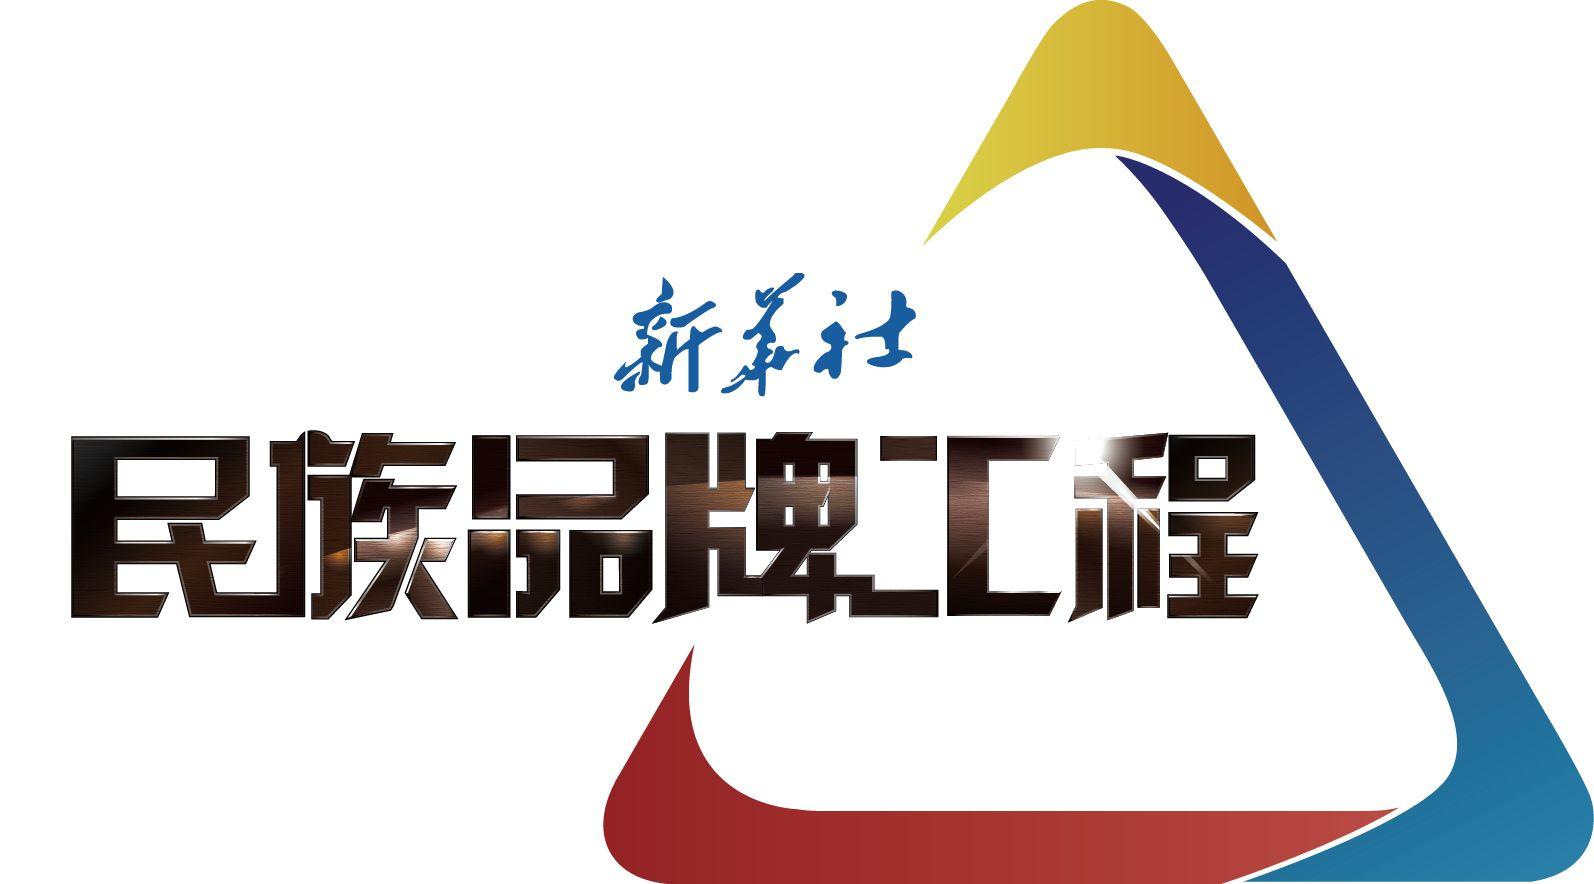 品牌故事 | 【扬子江哺育的青春】只问深情,无问西东。